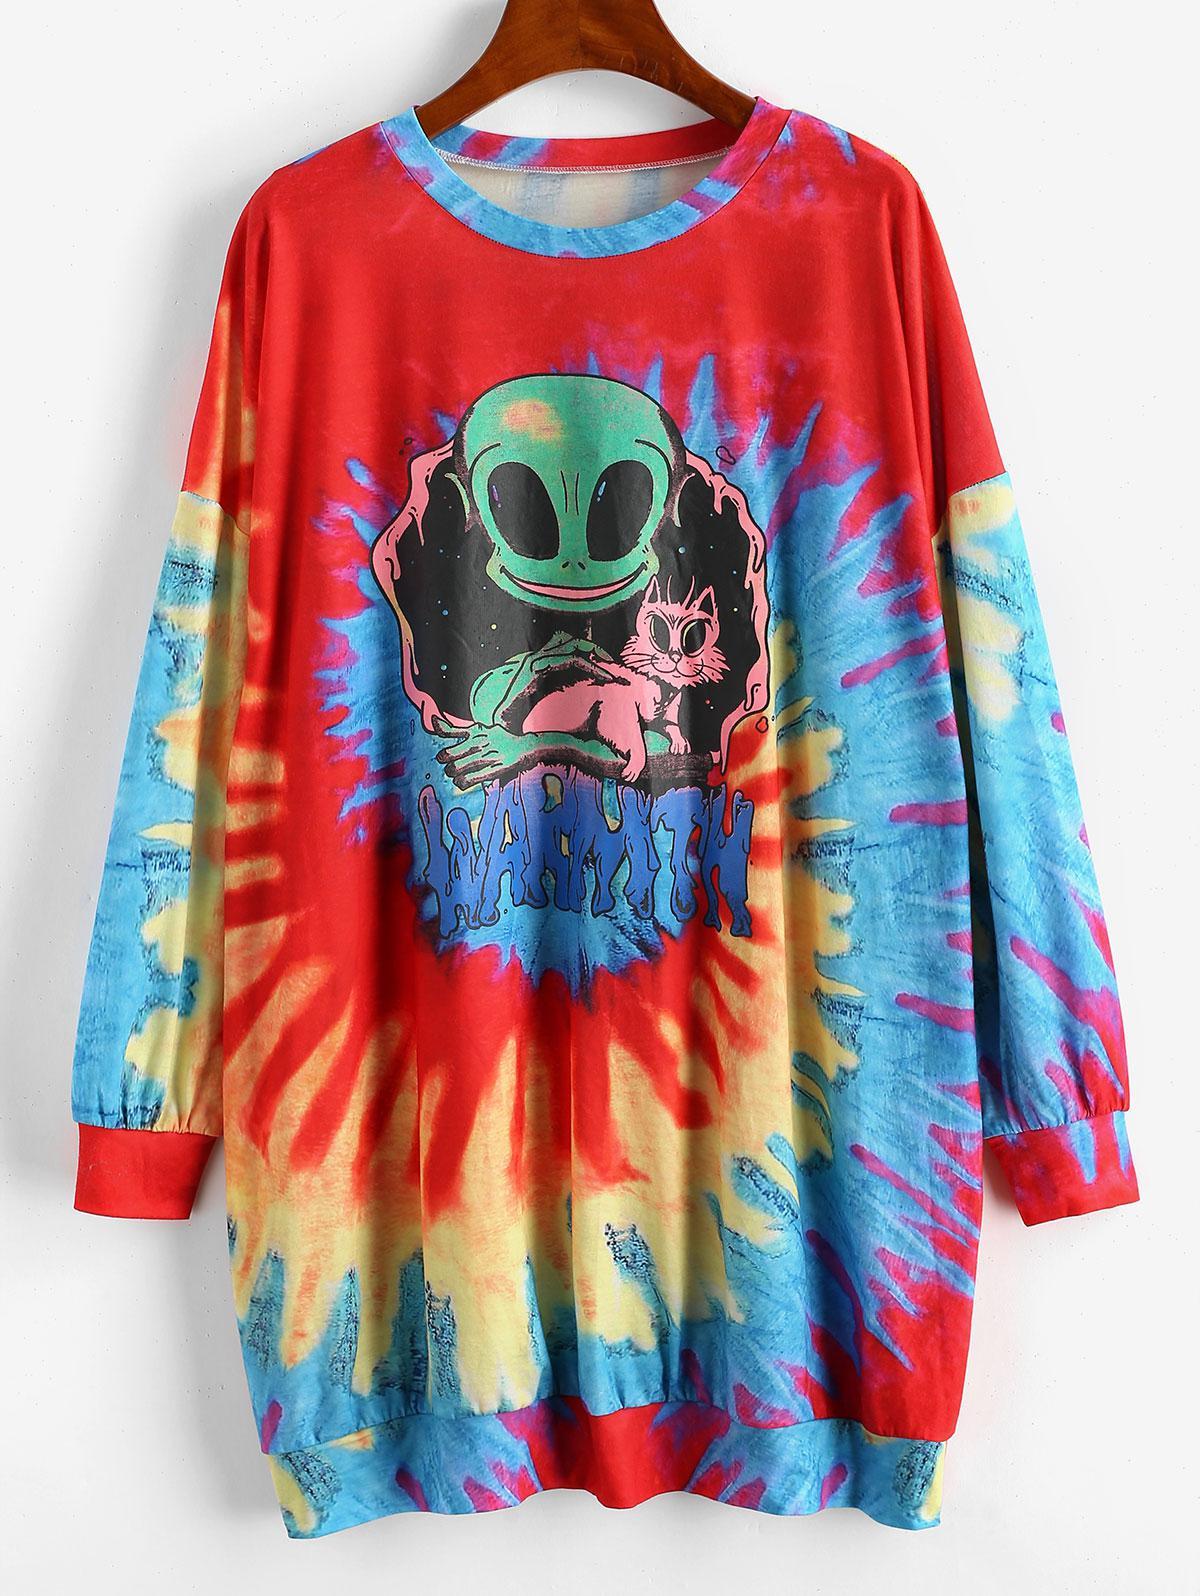 Casual Tie Dye Alien Sweatshirt Dress